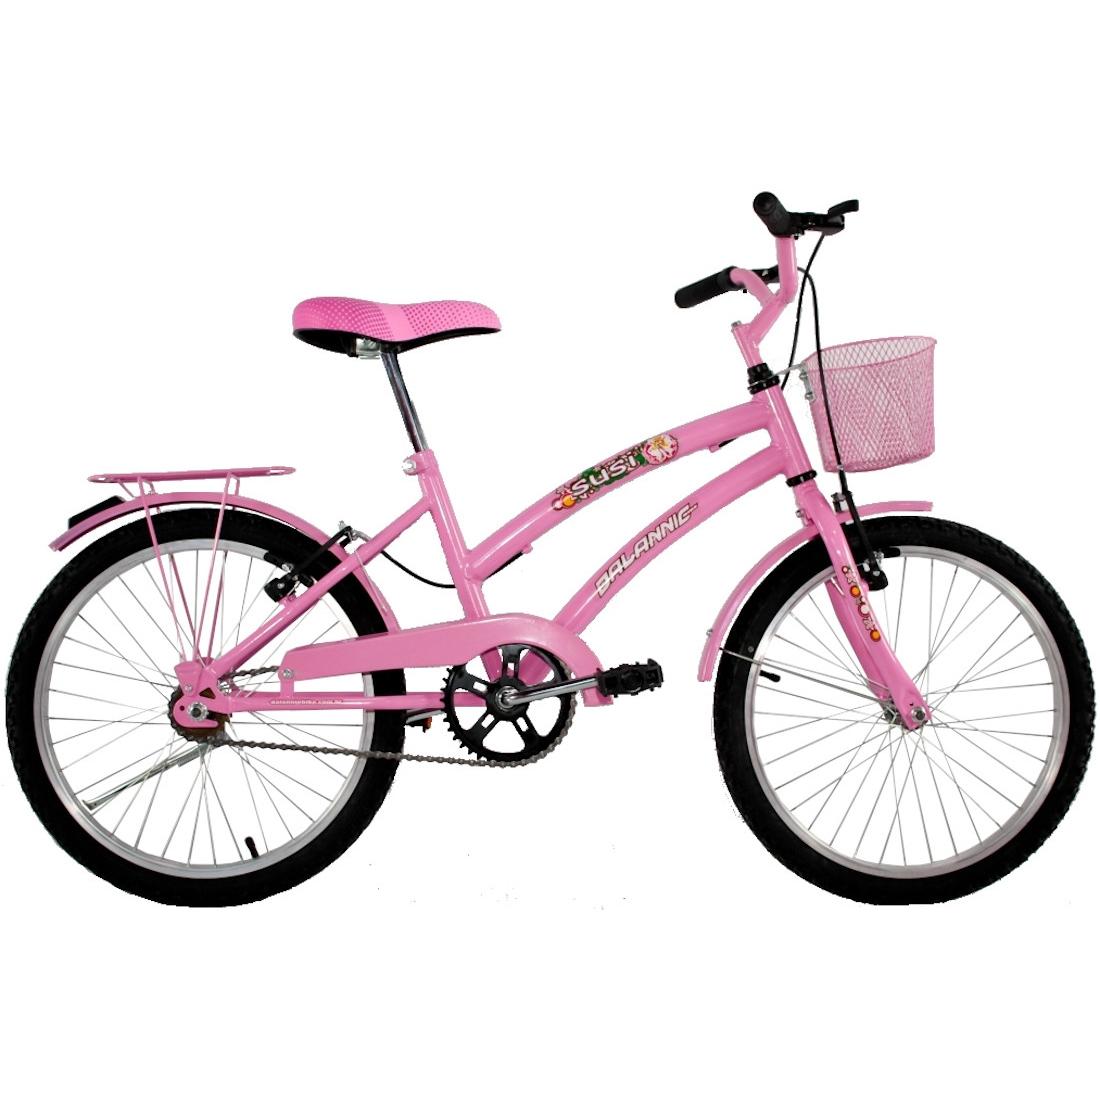 Bicicleta Feminina Aro 20 com cestinha Susi Rosa